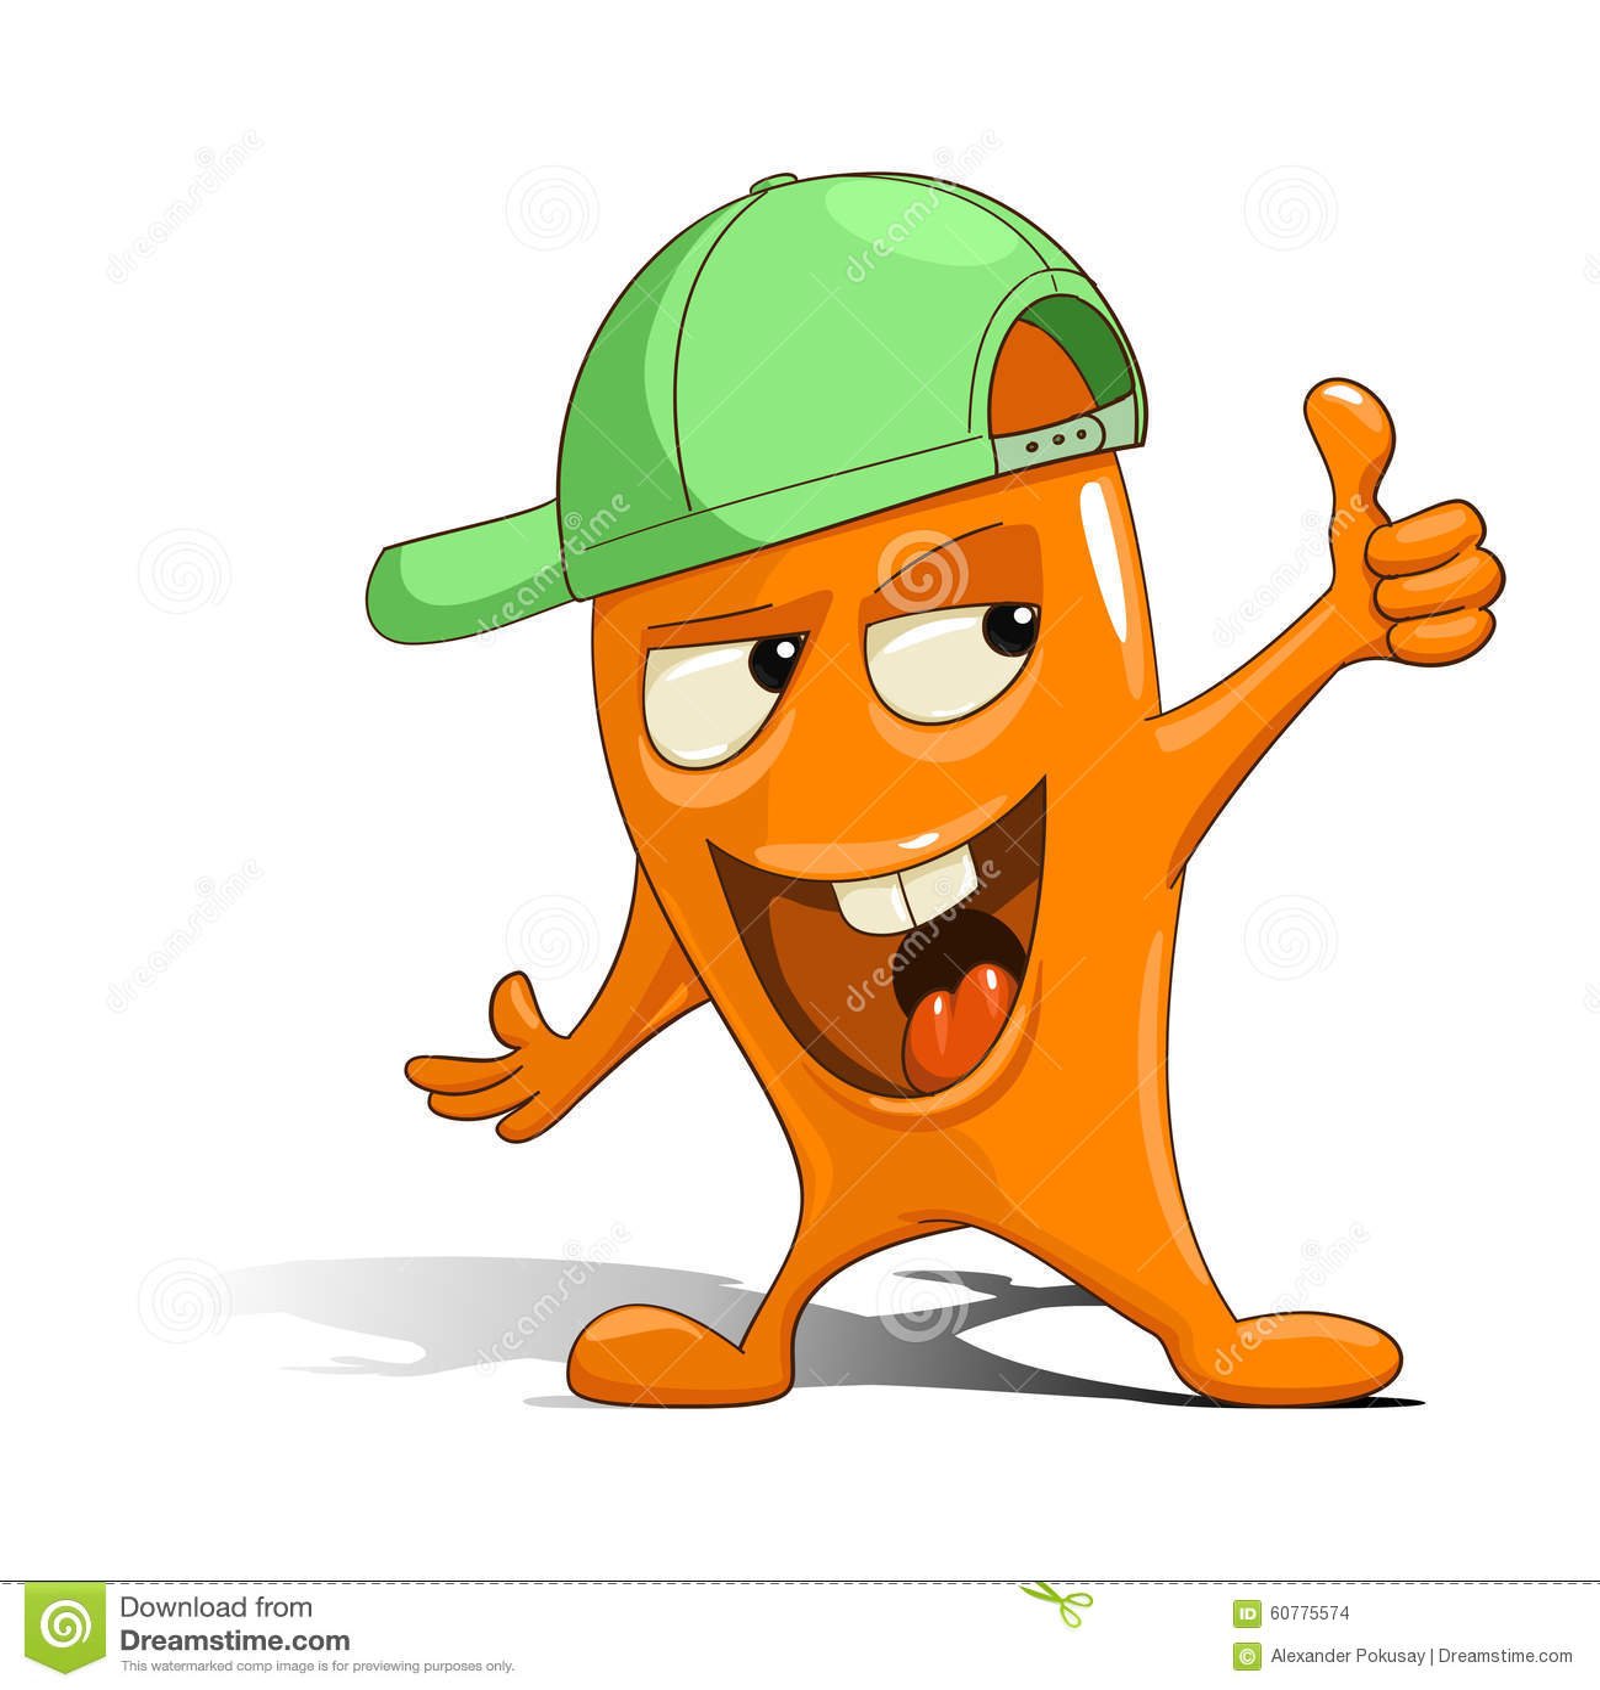 Cartoon Characters Green : Green cartoon character with hat adultcartoon